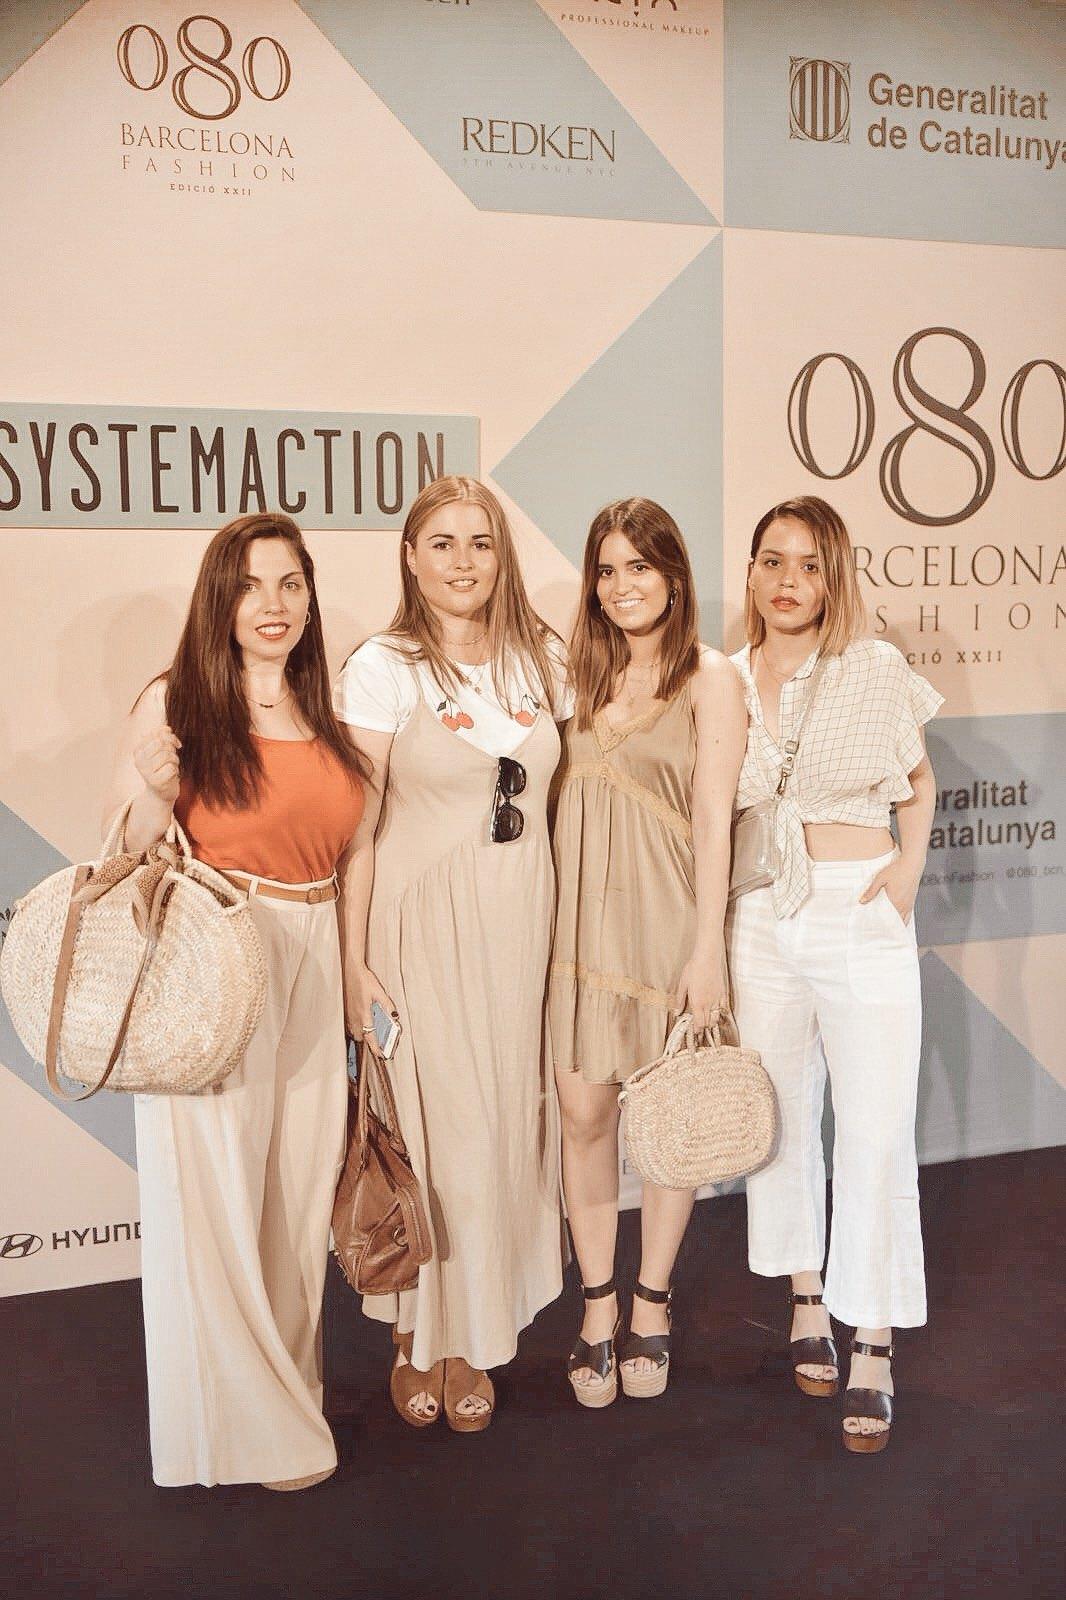 photocell del desfile de Systemaction en la 080 Barcelona Fashion